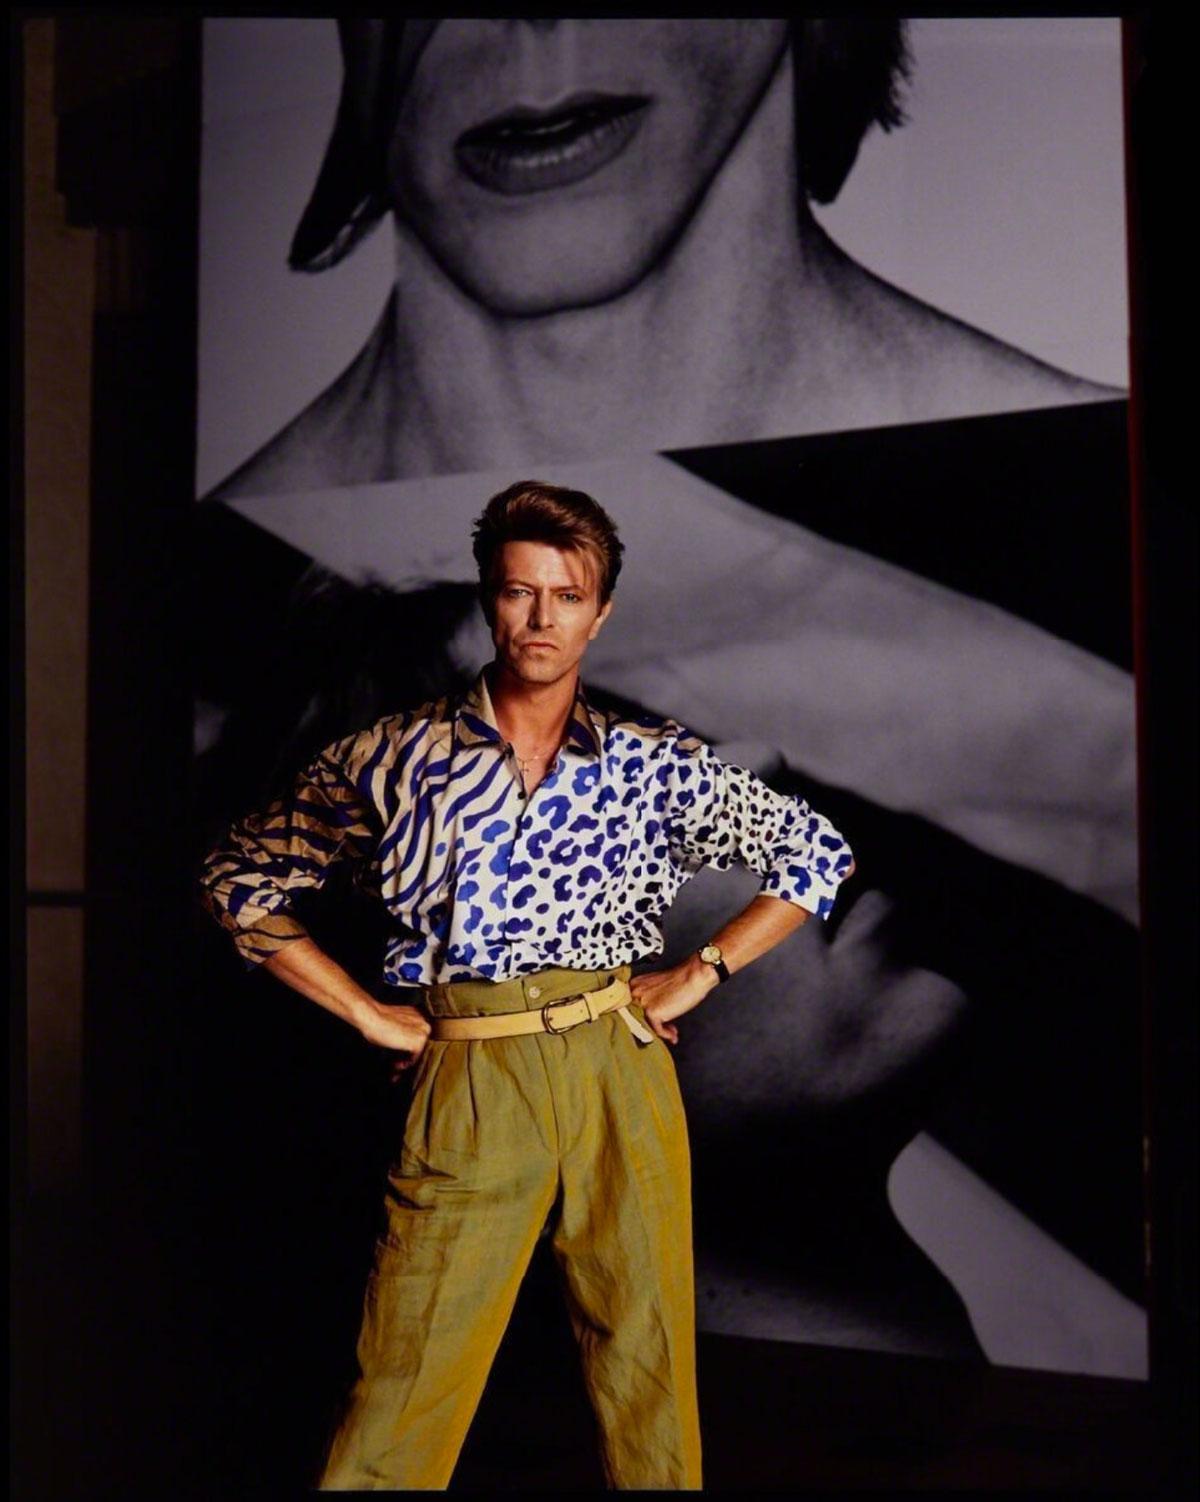 Mężczyzna z rękami podpierającymi boki stoi przy ścianie